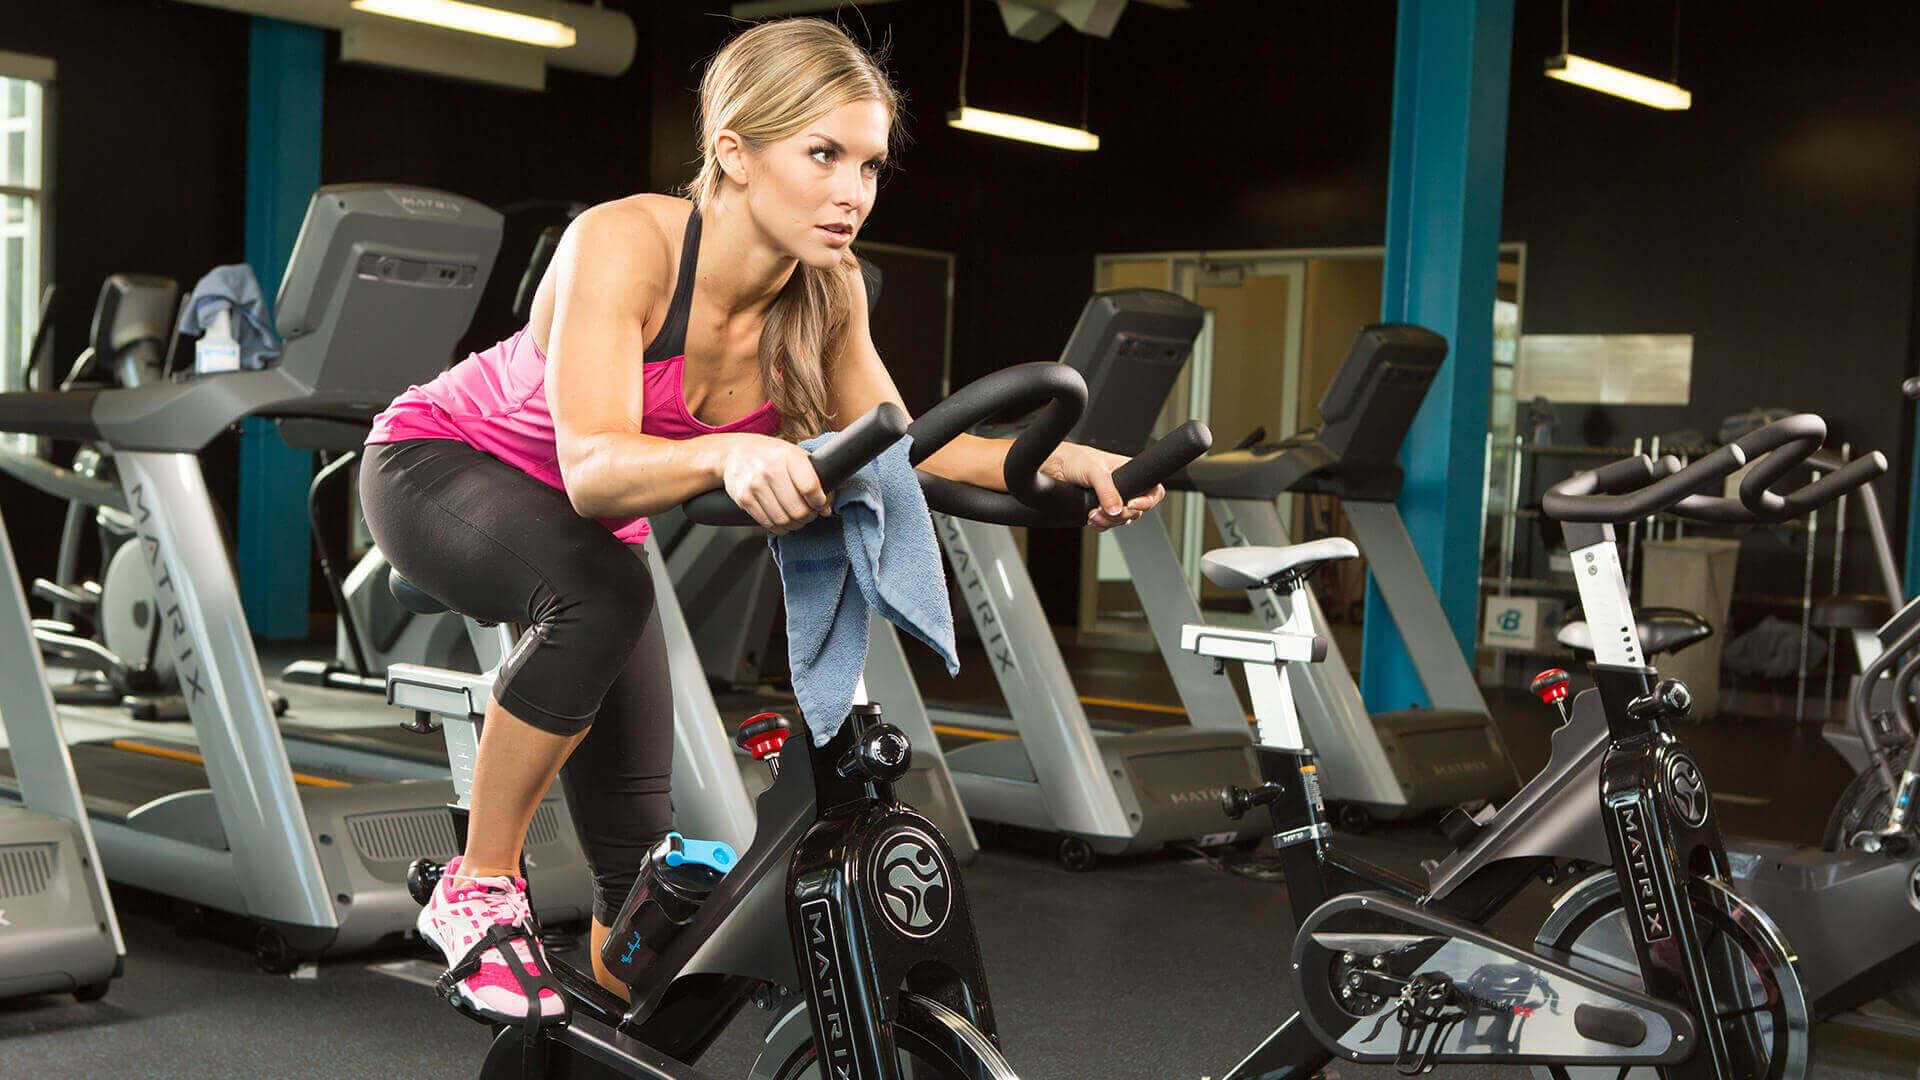 Системами Тренировок Для Похудения На Велотренажере. Как похудеть на велотренажере, не выходя из дома